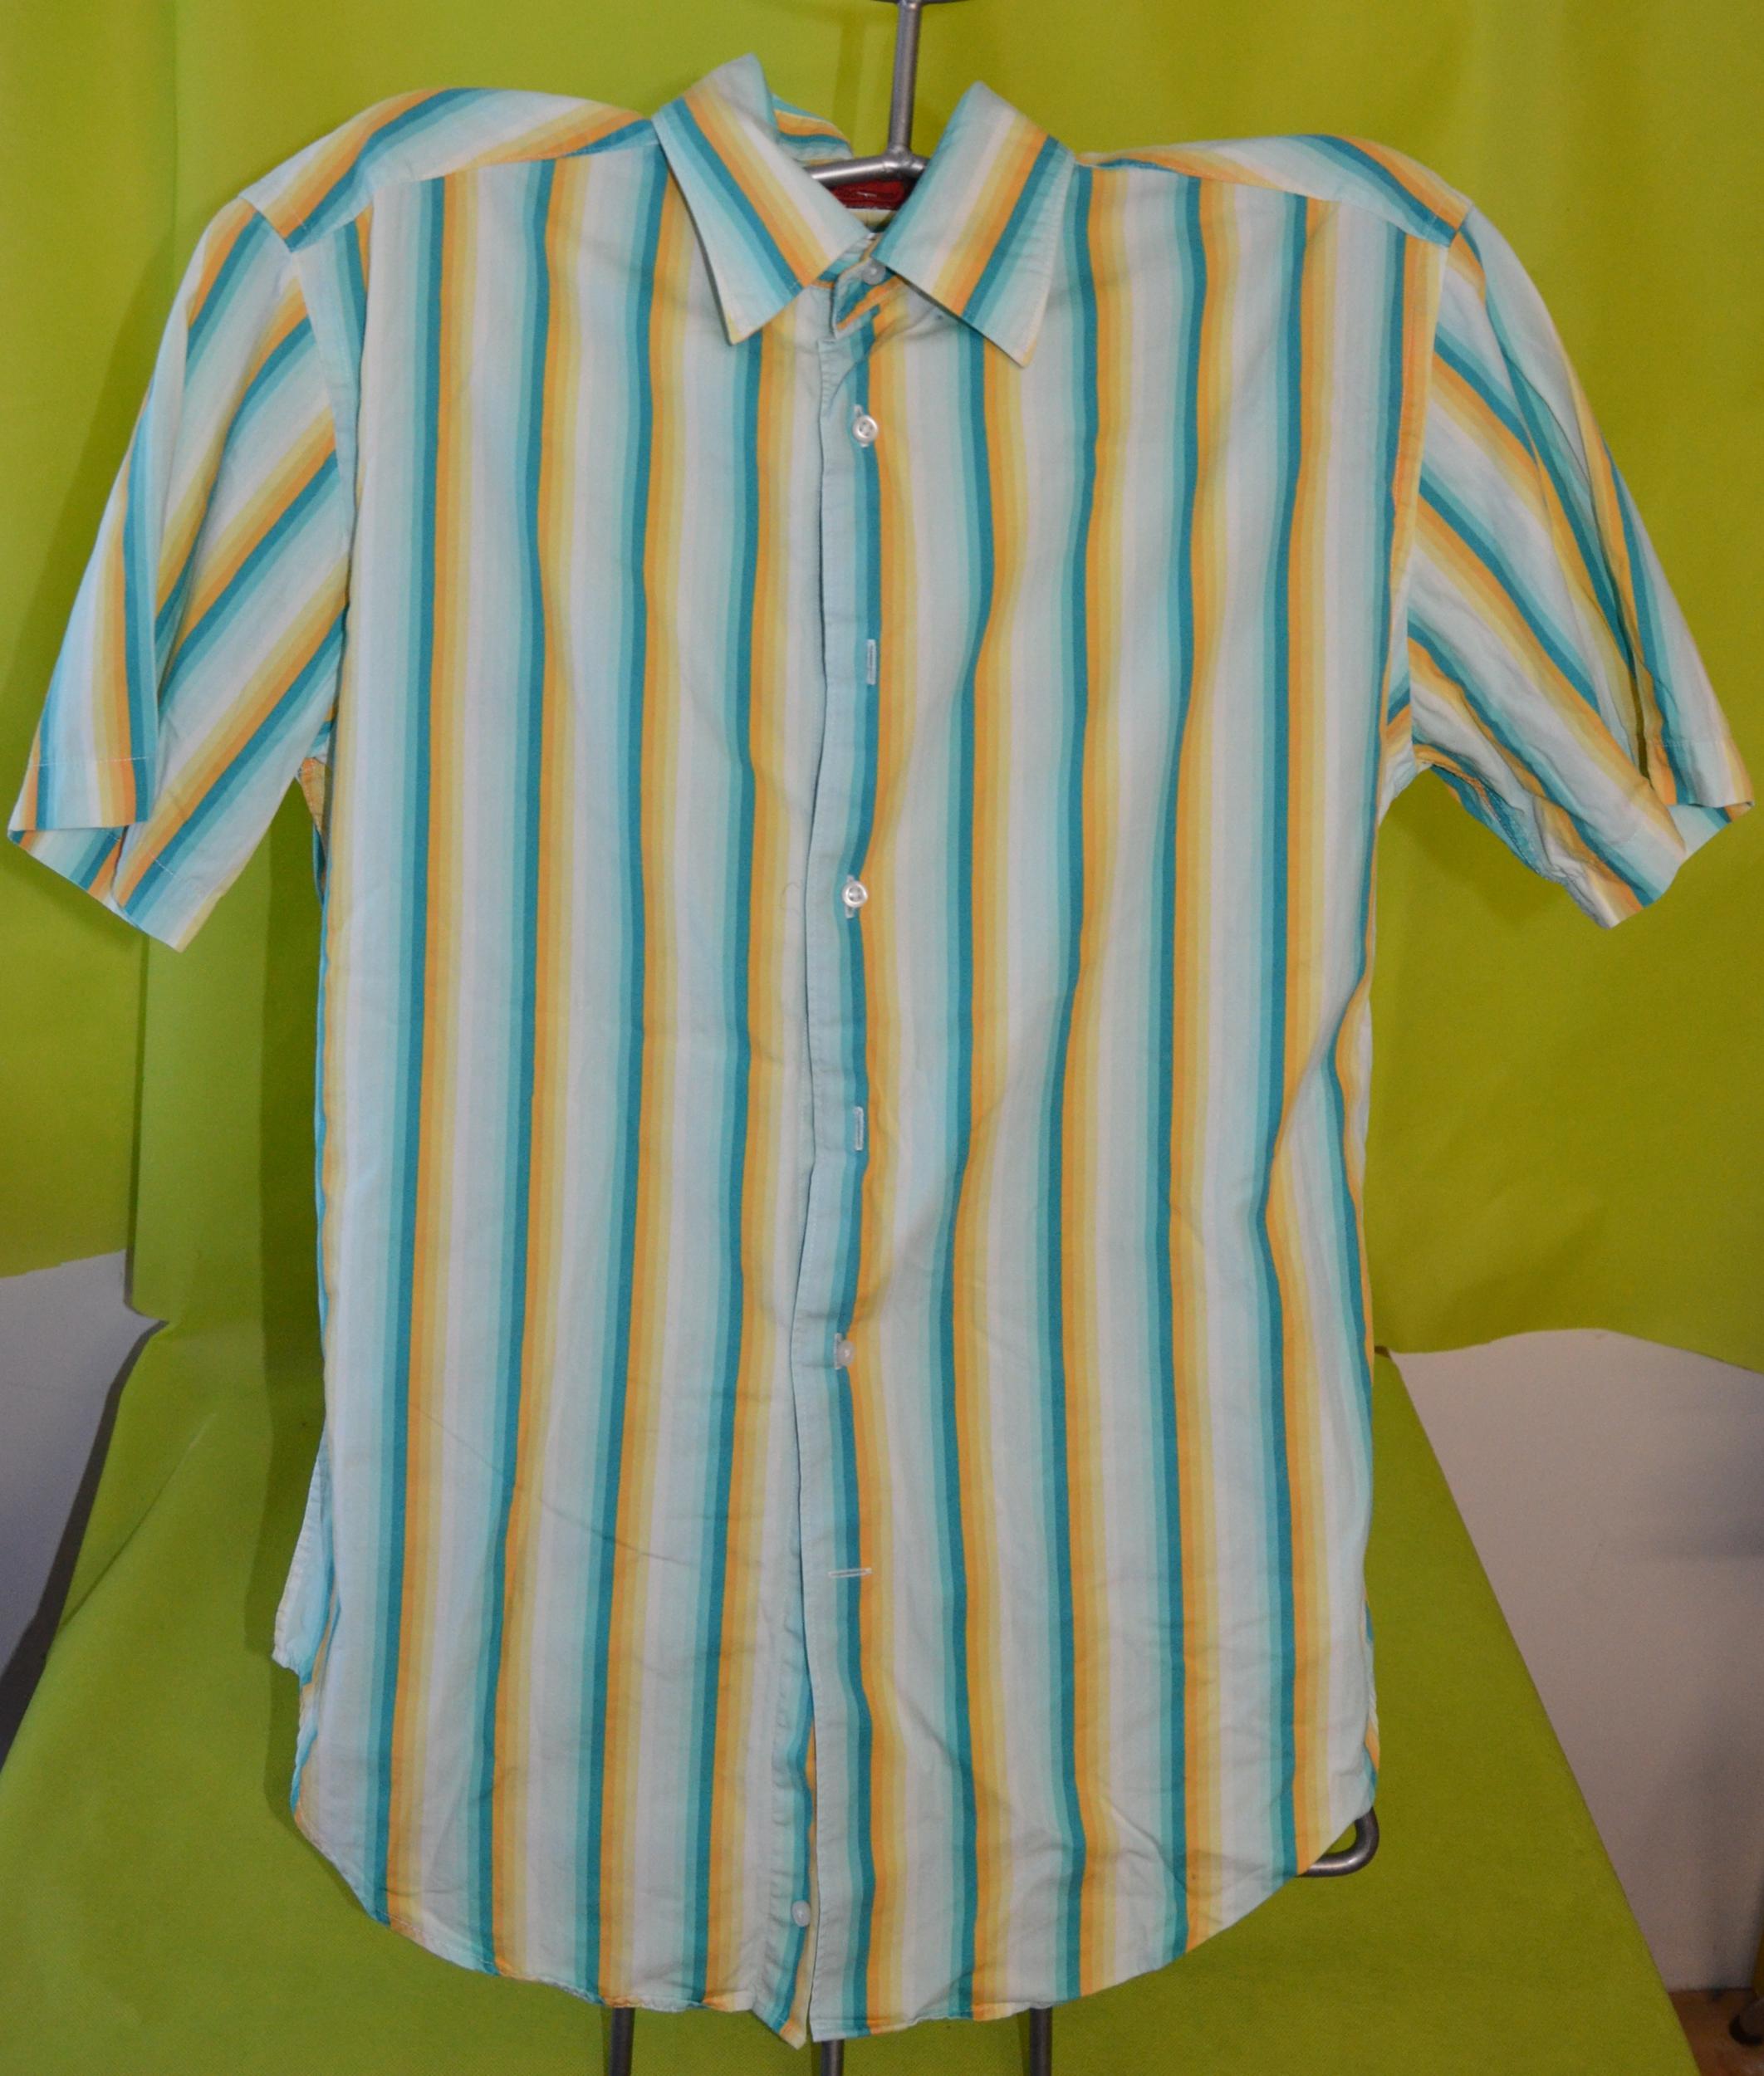 chemise homme taille M célio friperie en ligne homme